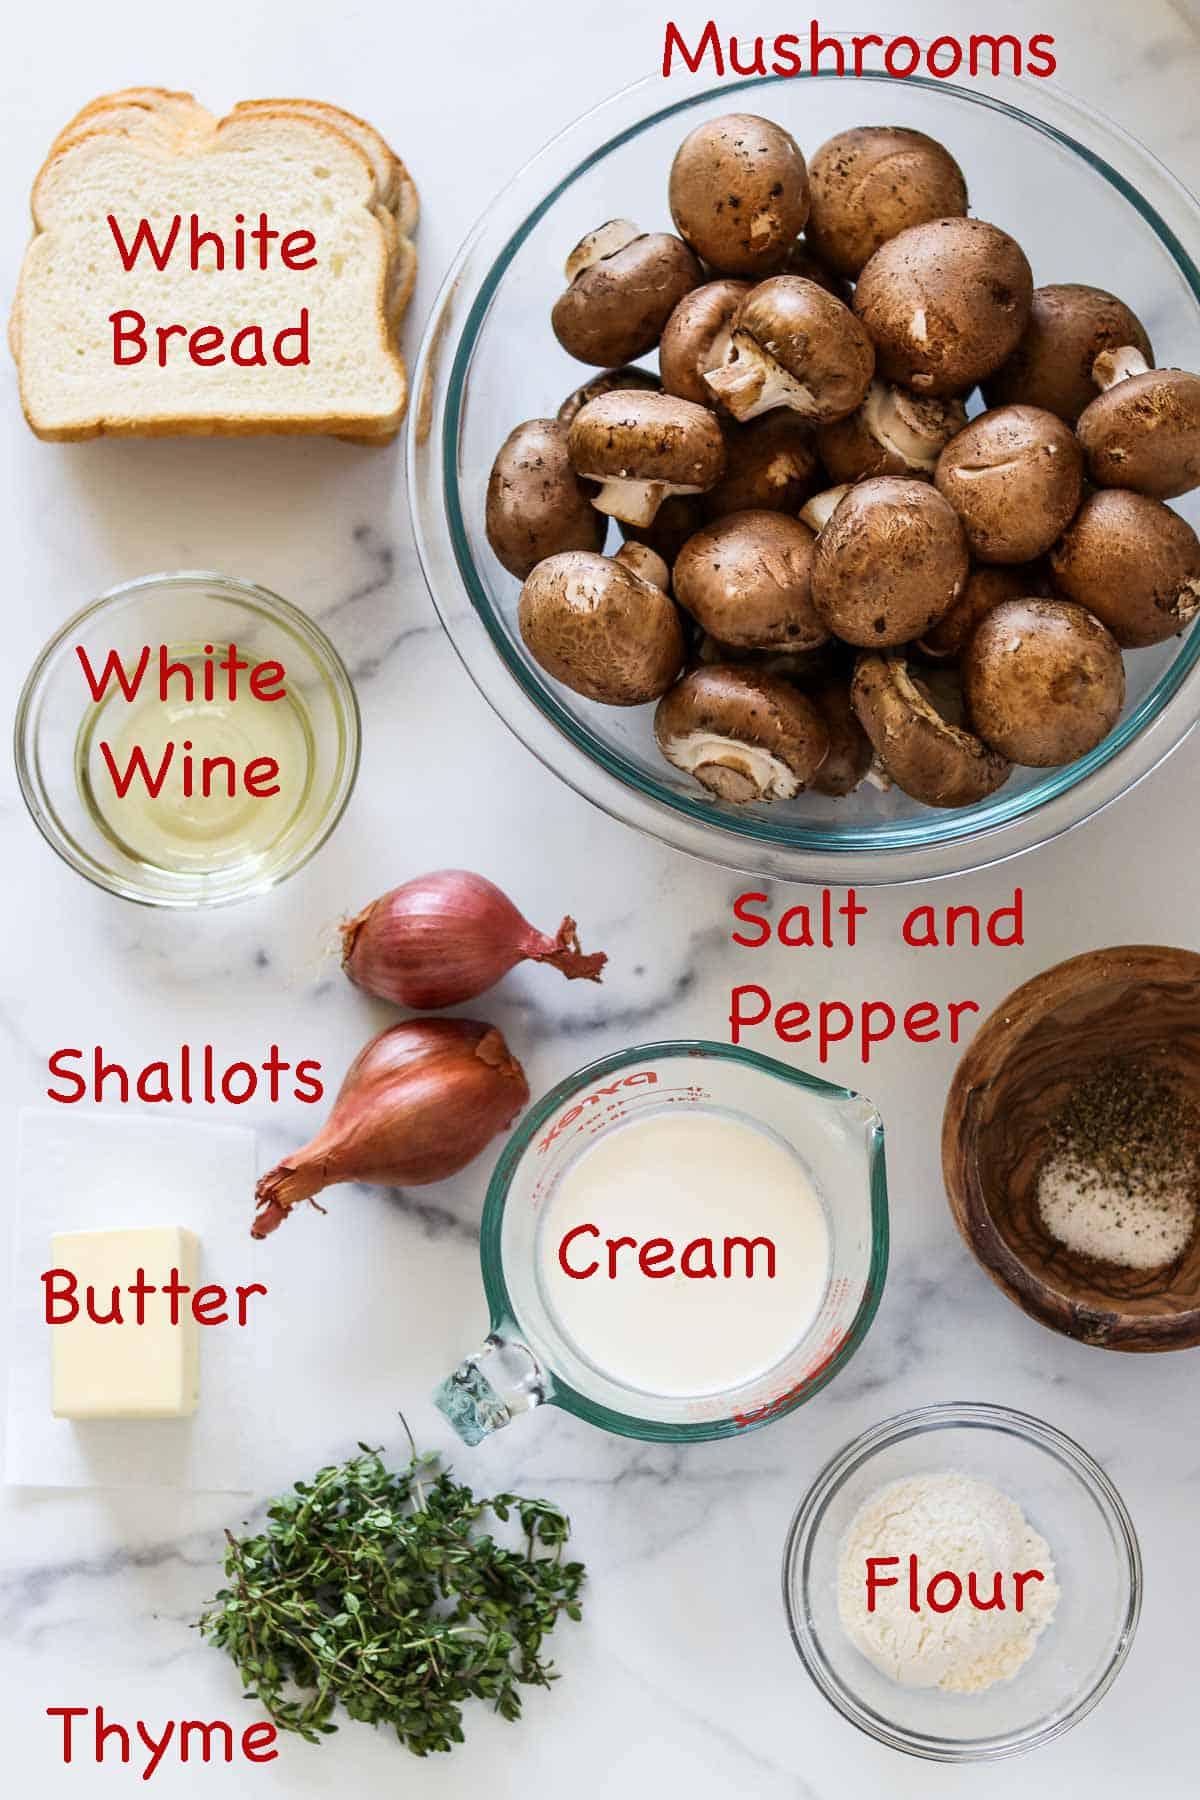 Labeled ingredients for Mushroom Gratin.